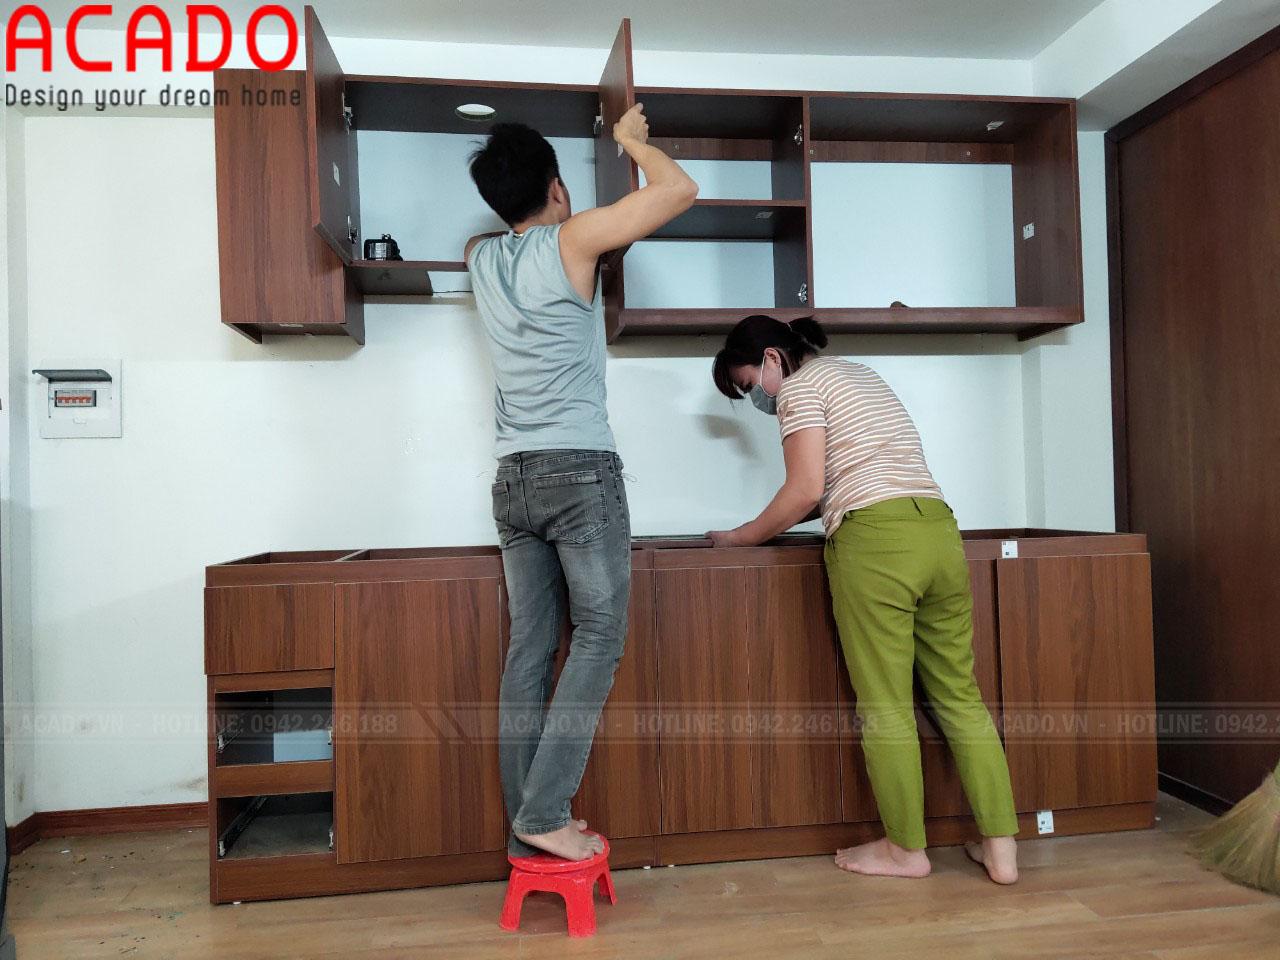 Thợ thi công nội thất ACADO đang thực hiện quá trình thi công tủ bếp tại Hai Bà Trưng